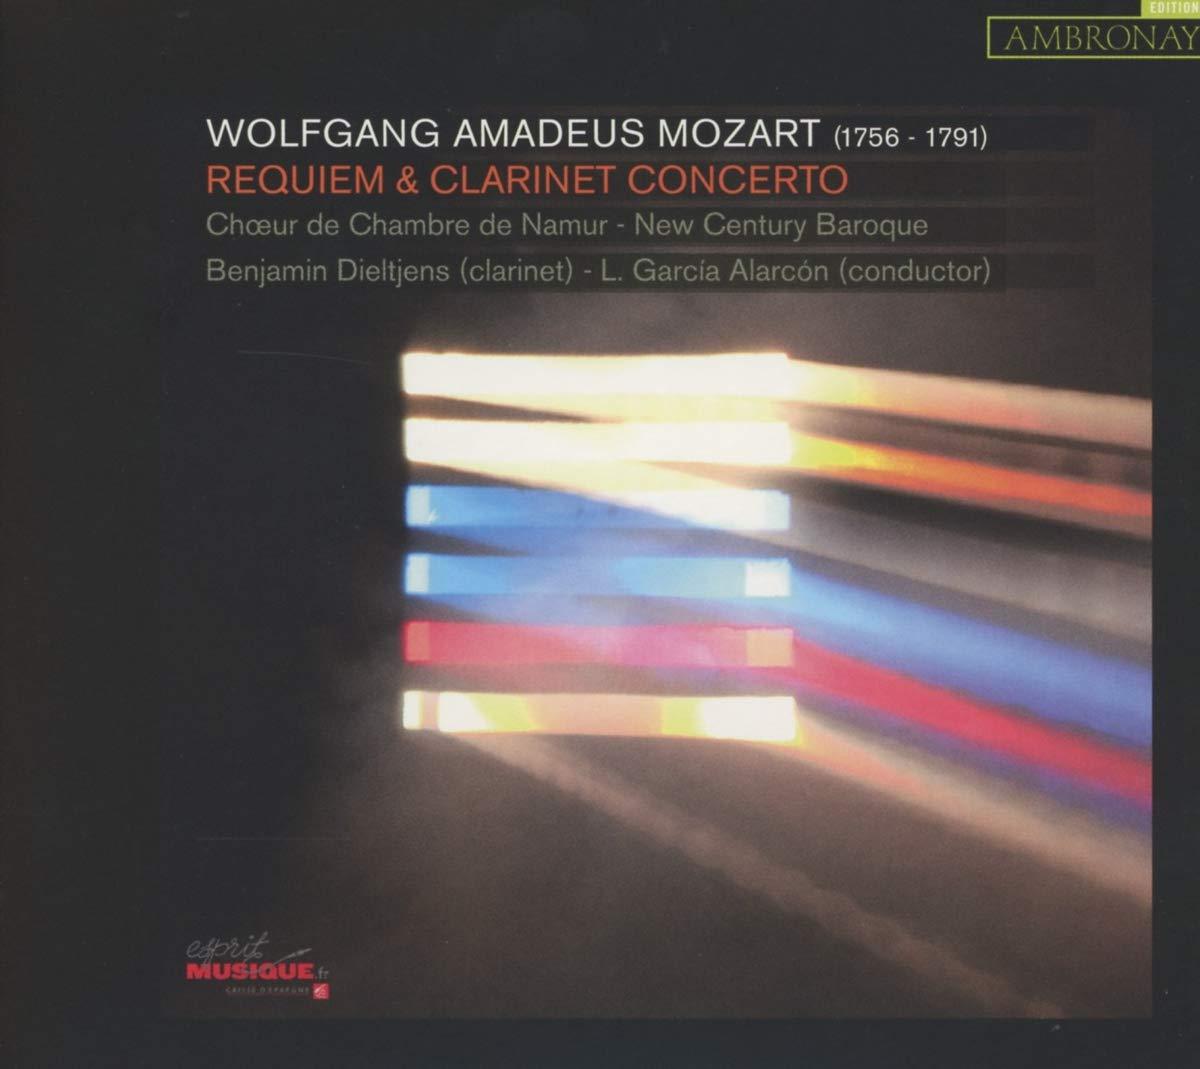 Nouvelle version du Requiem de Mozart dirigé par Jacobs 616GGV-i-lL._SL1200_